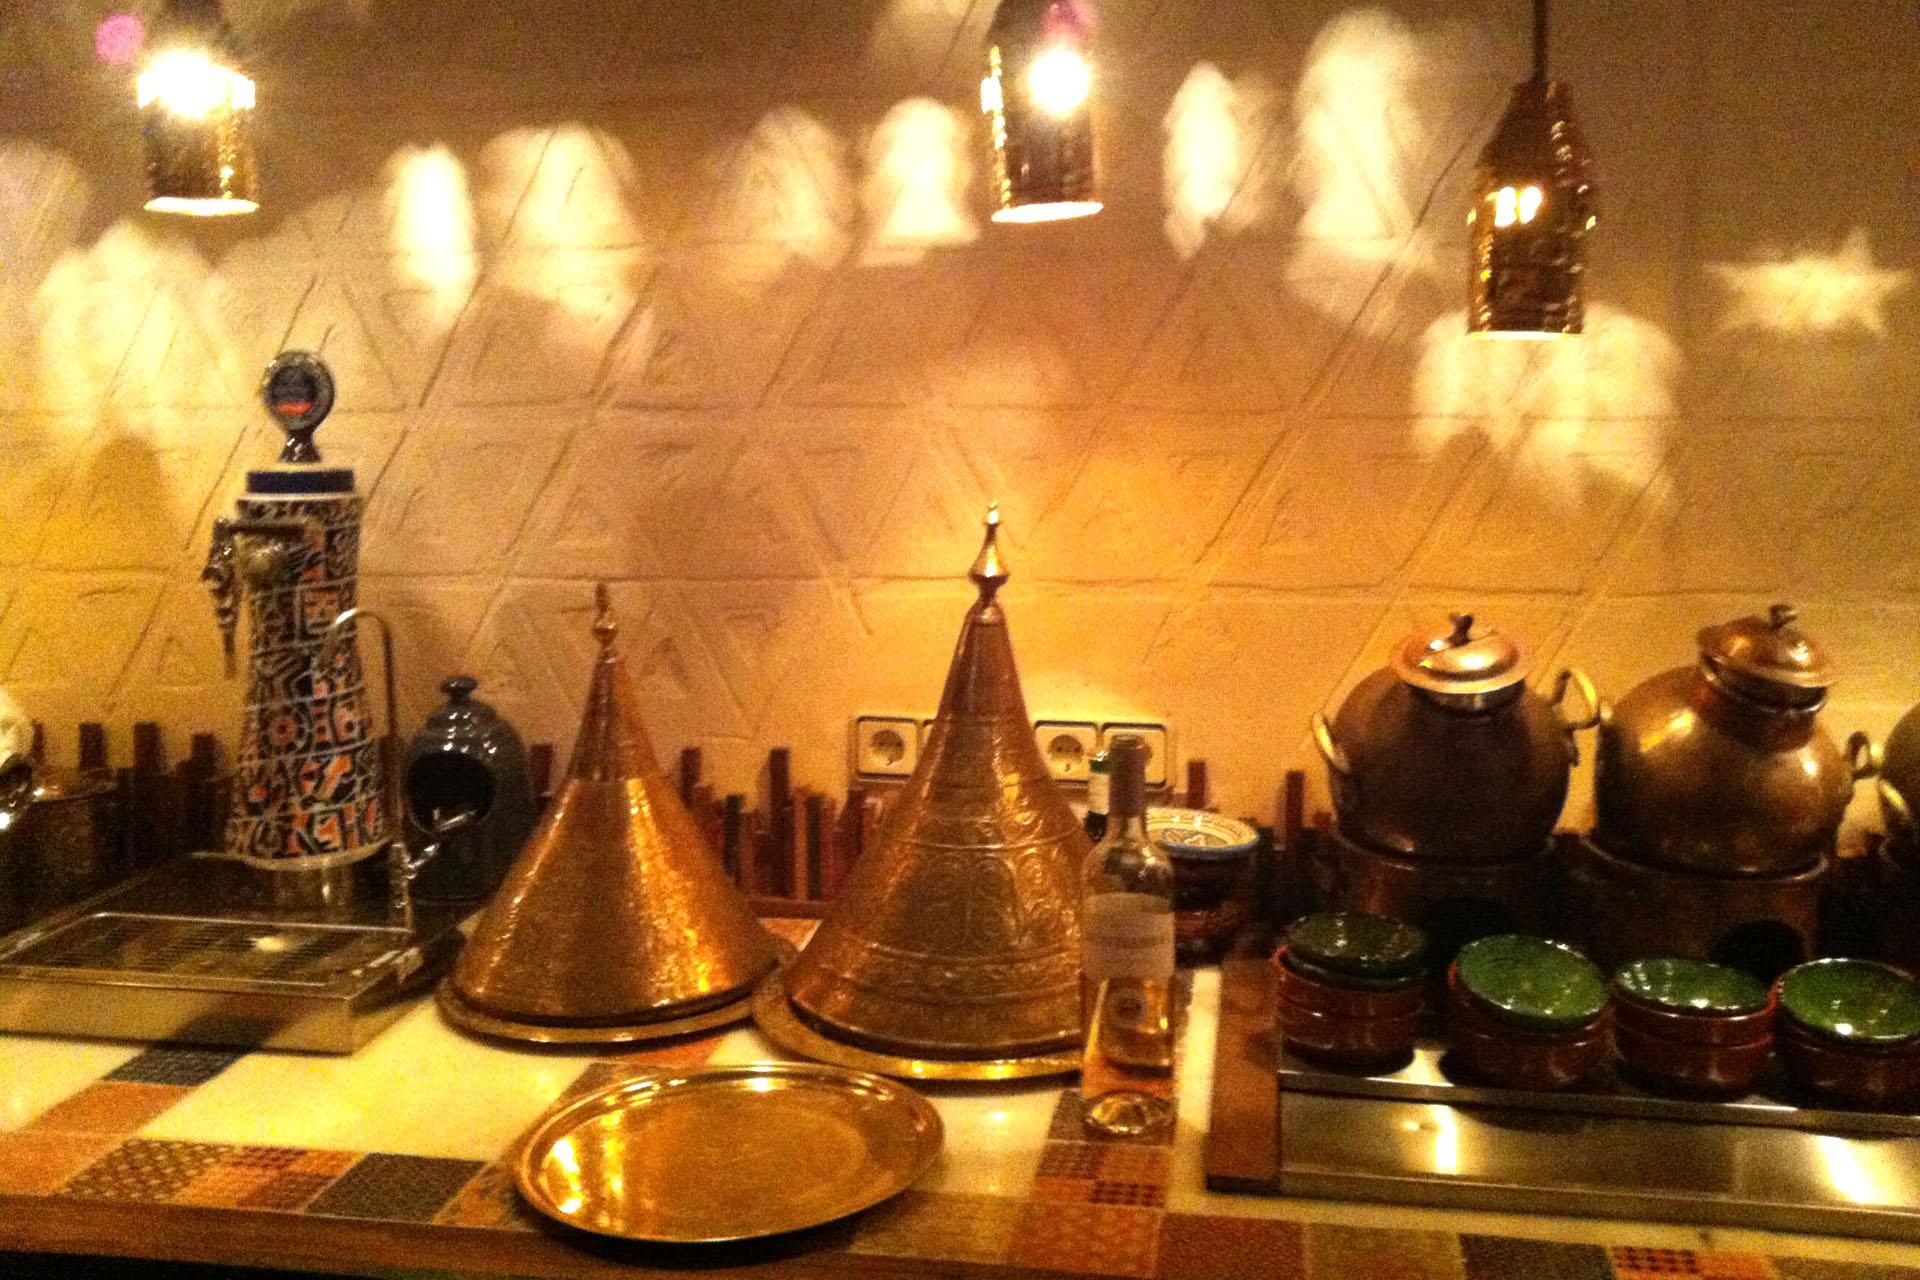 La Cocina del Desierto